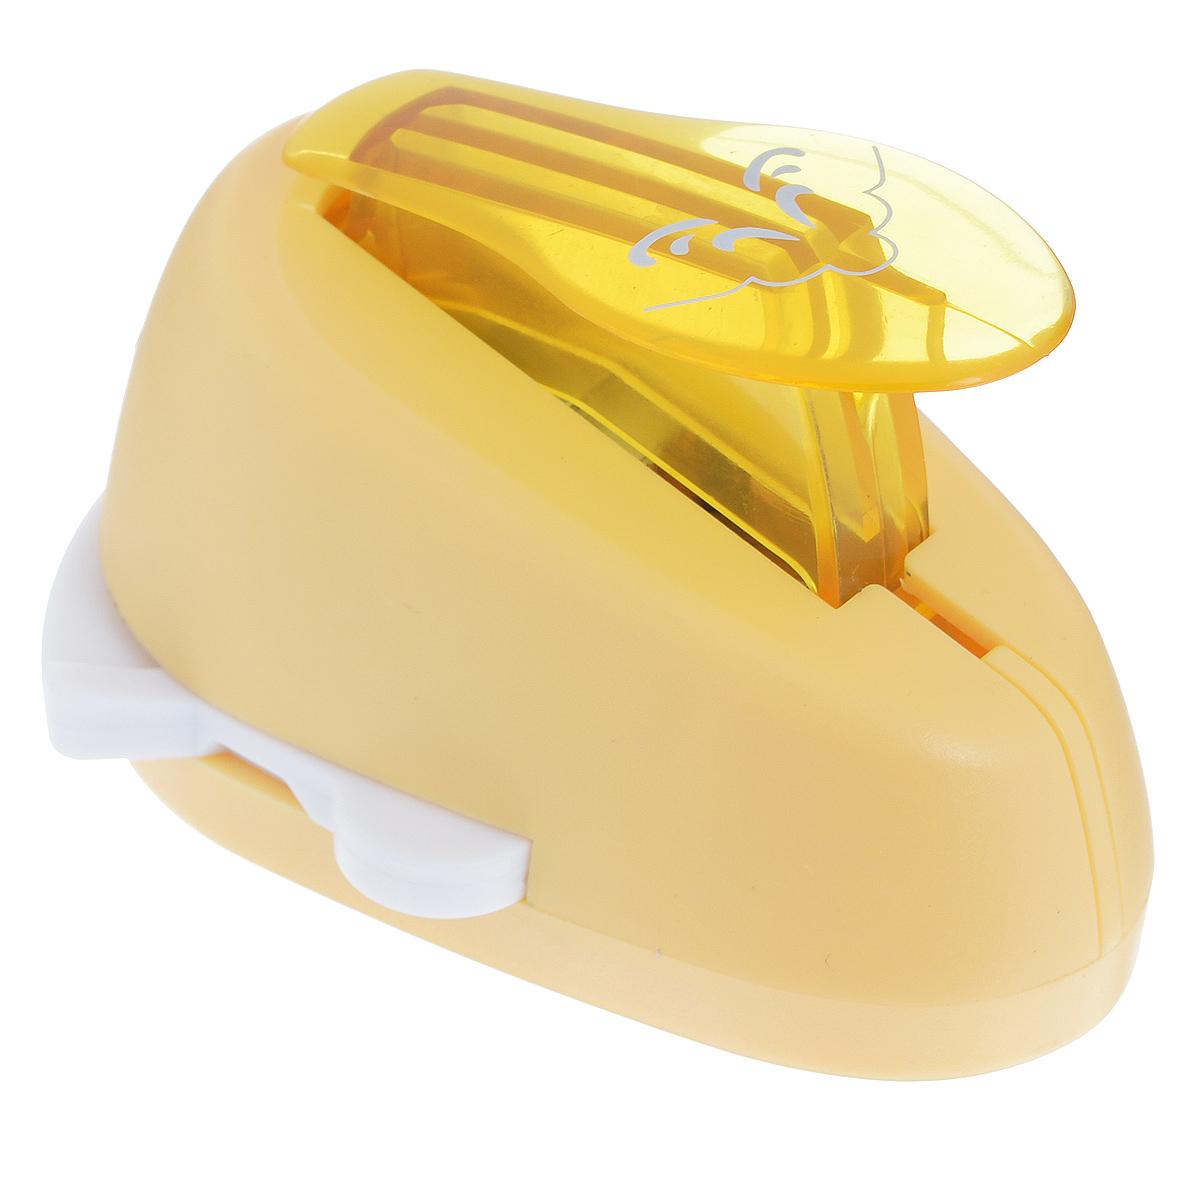 Дырокол фигурный Астра Орнамент, угловой, №12. CD-99MA7709609_12Дырокол Астра Орнамент поможет вам легко, просто и аккуратно вырезать много одинаковых мелких фигурок.Режущие части компостера закрыты пластмассовым корпусом, что обеспечивает безопасность для детей. Вырезанные фигурки накапливаются в специальном резервуаре. Можно использовать вырезанные мотивы как конфетти или для наклеивания. Угловой дырокол подходит для разных техник: декупажа, скрапбукинга, декорирования.Размер дырокола: 8 см х 6 см х 5 см. Размер готовой фигурки: 2,4 см х 2 см.